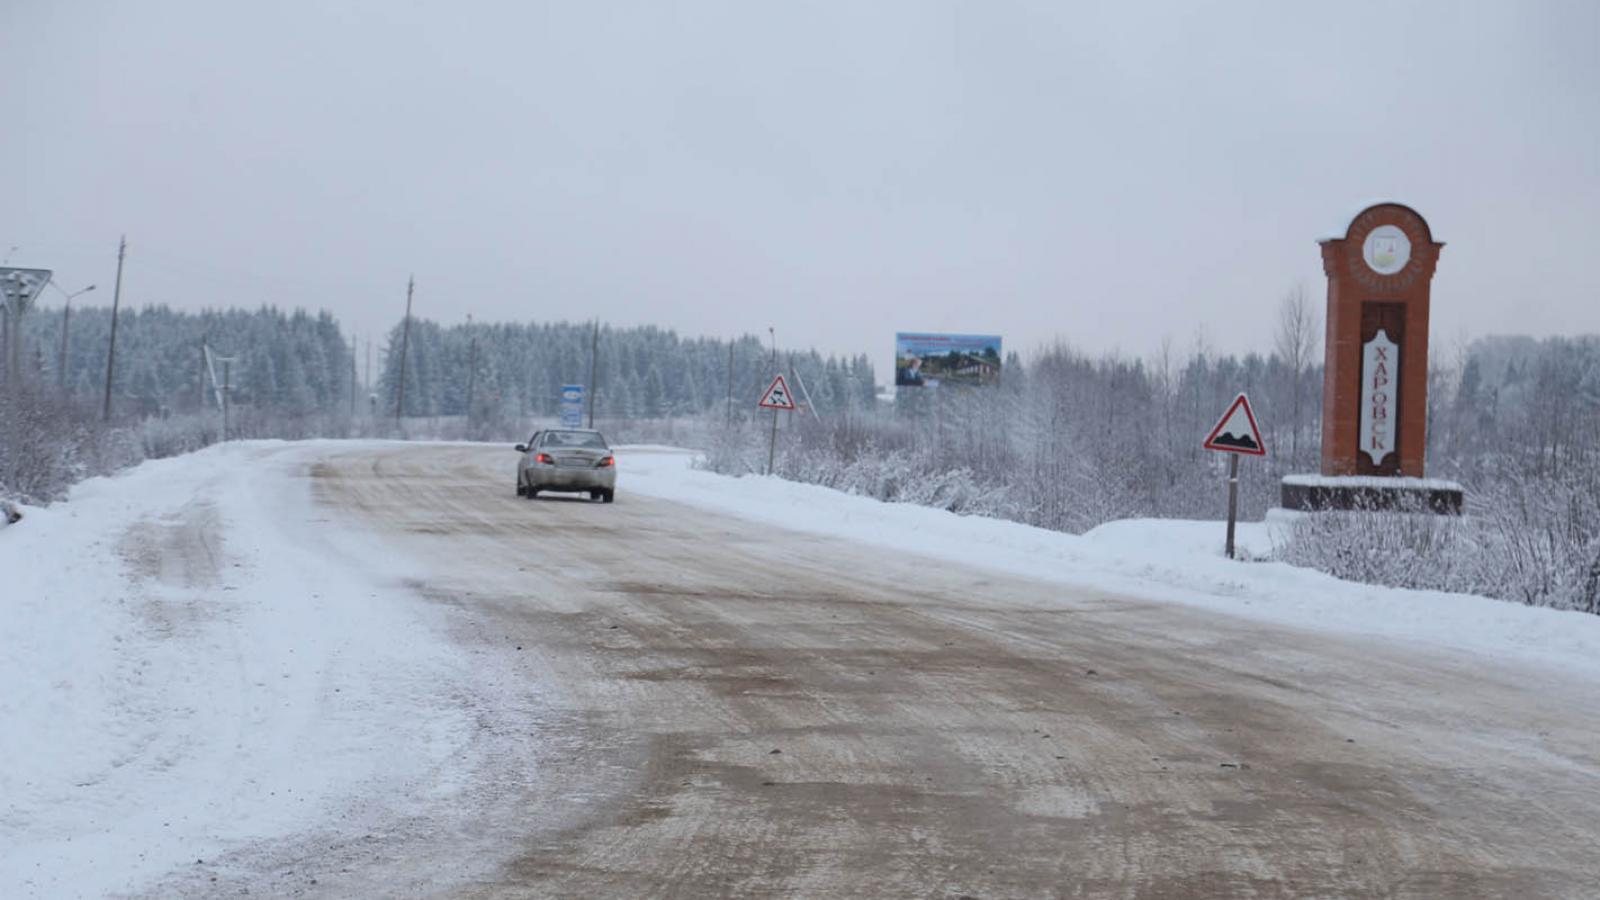 Почти 2 млрд руб. потребуется на ремонт дороги Сокол-Харовск-Вожега